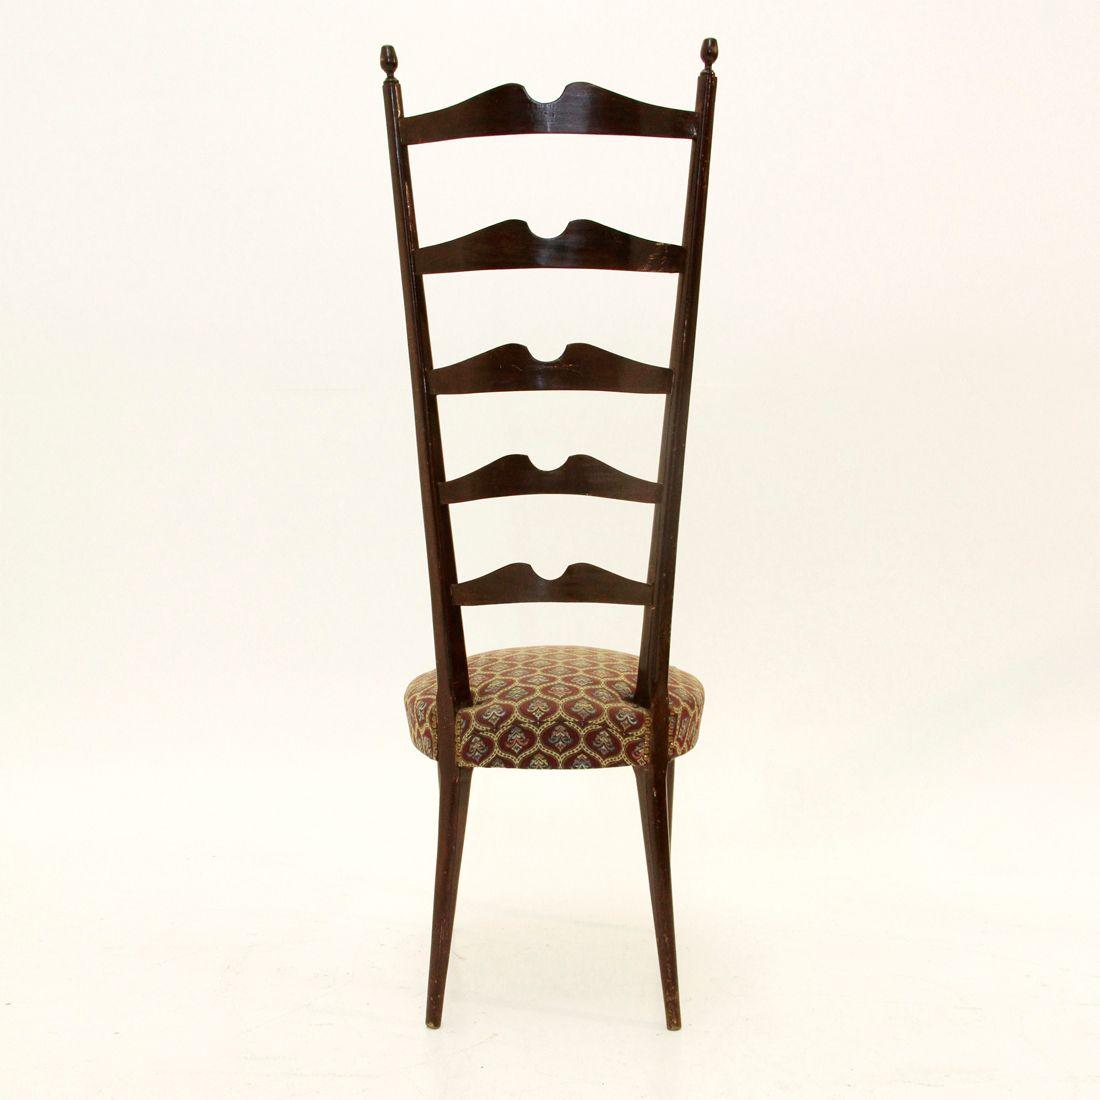 chaise d 39 entr e mid century italie 1950s en vente sur pamono. Black Bedroom Furniture Sets. Home Design Ideas